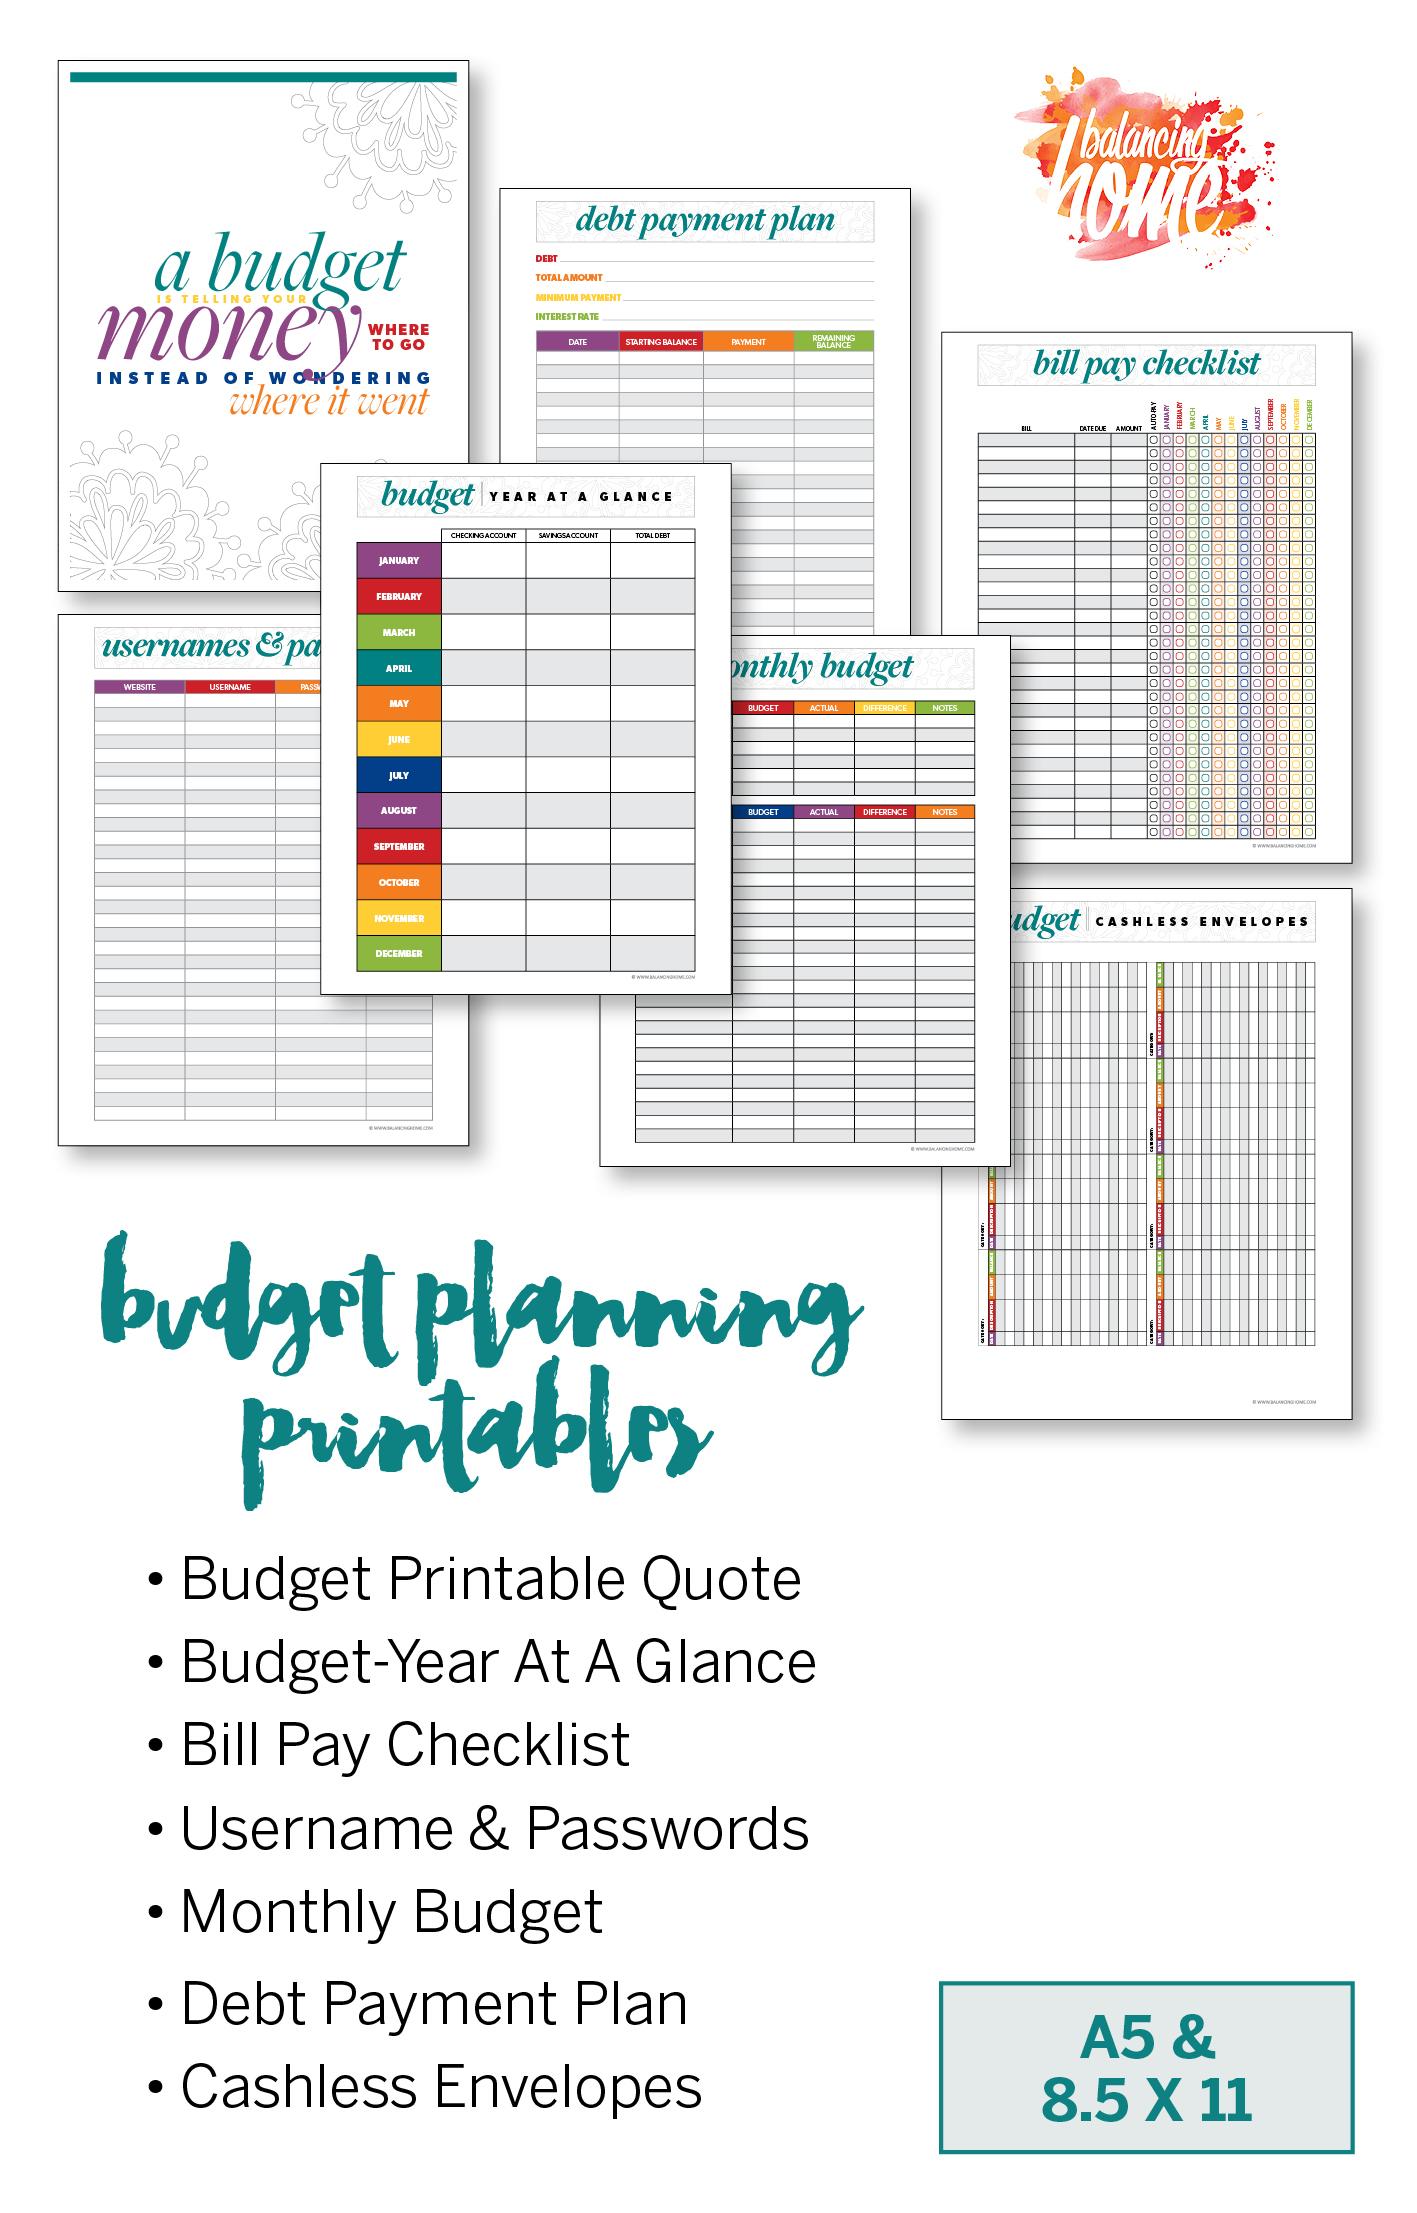 budget binder printables, Budget printables